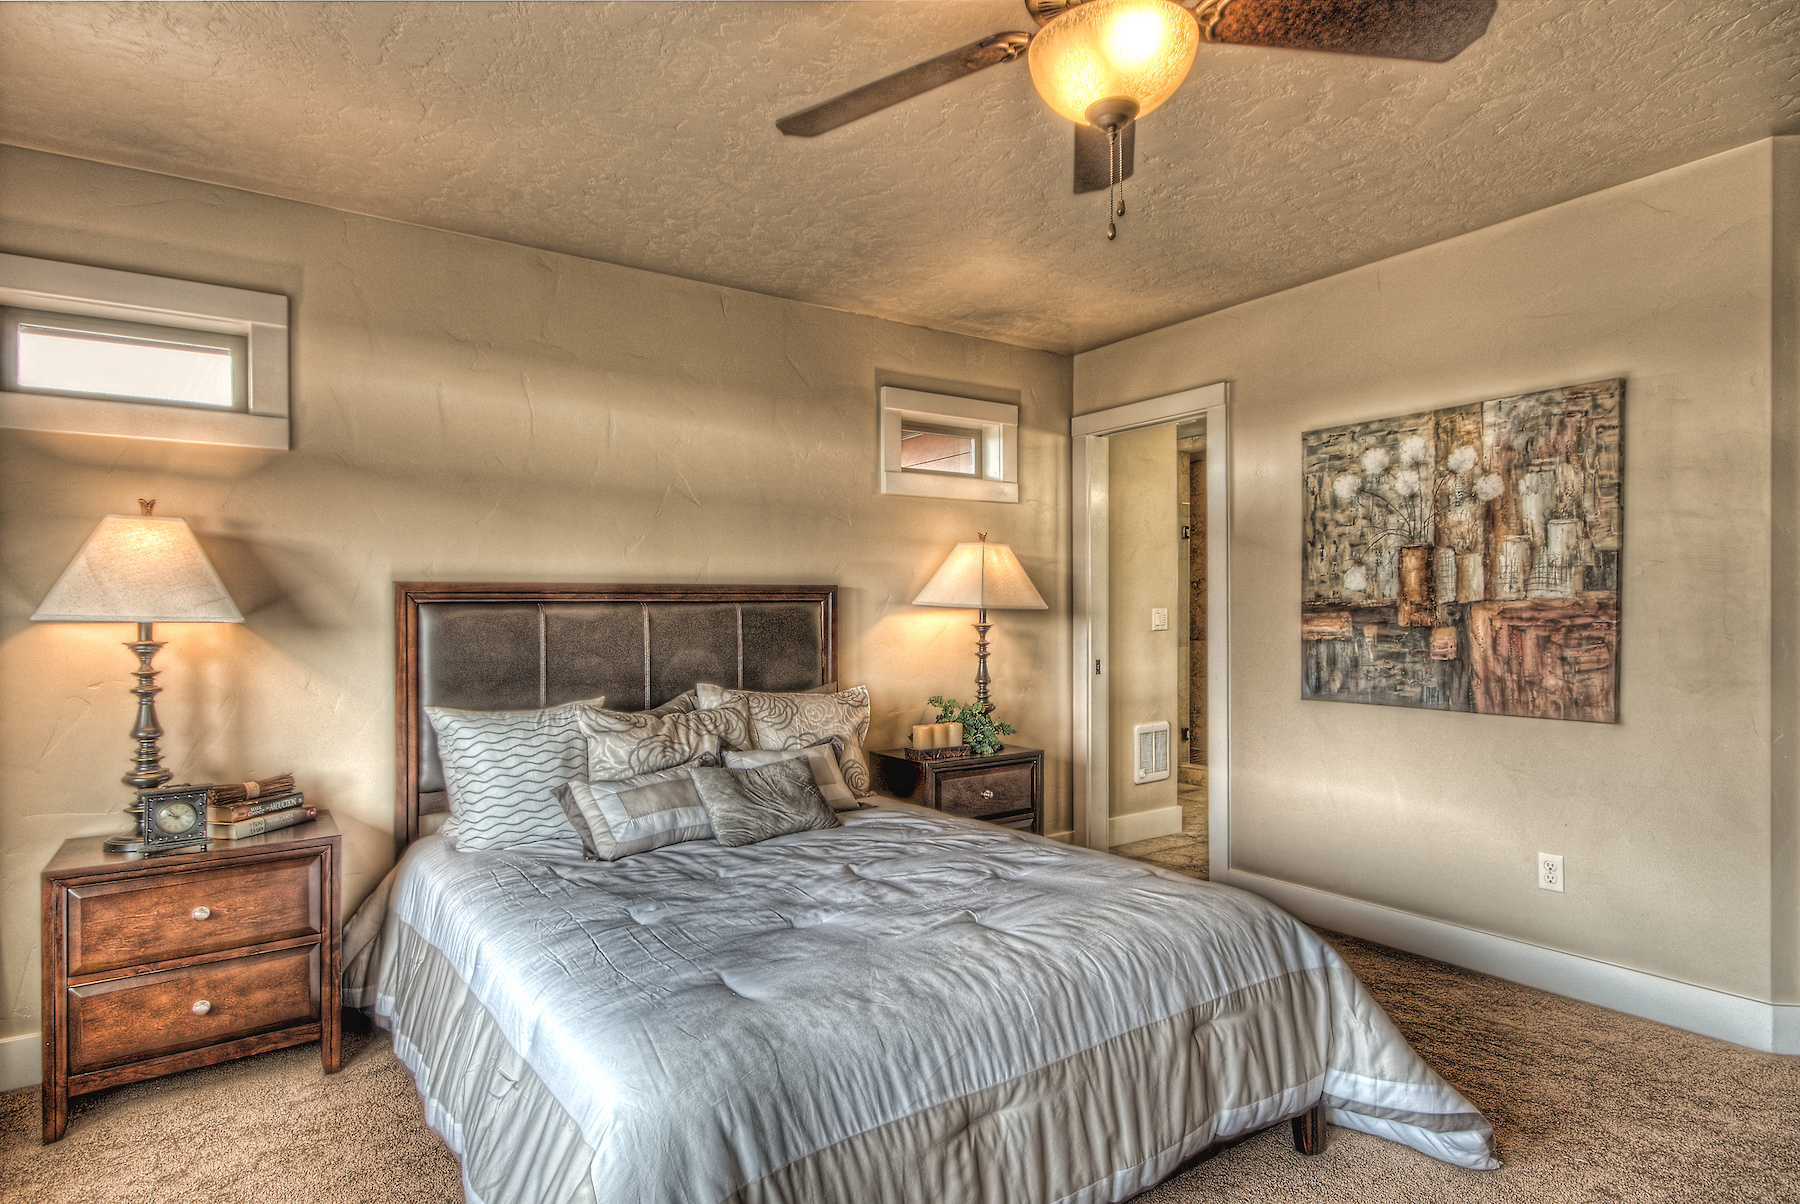 Flynner-Homes-StJude-Residential-Remodel-00020.jpg